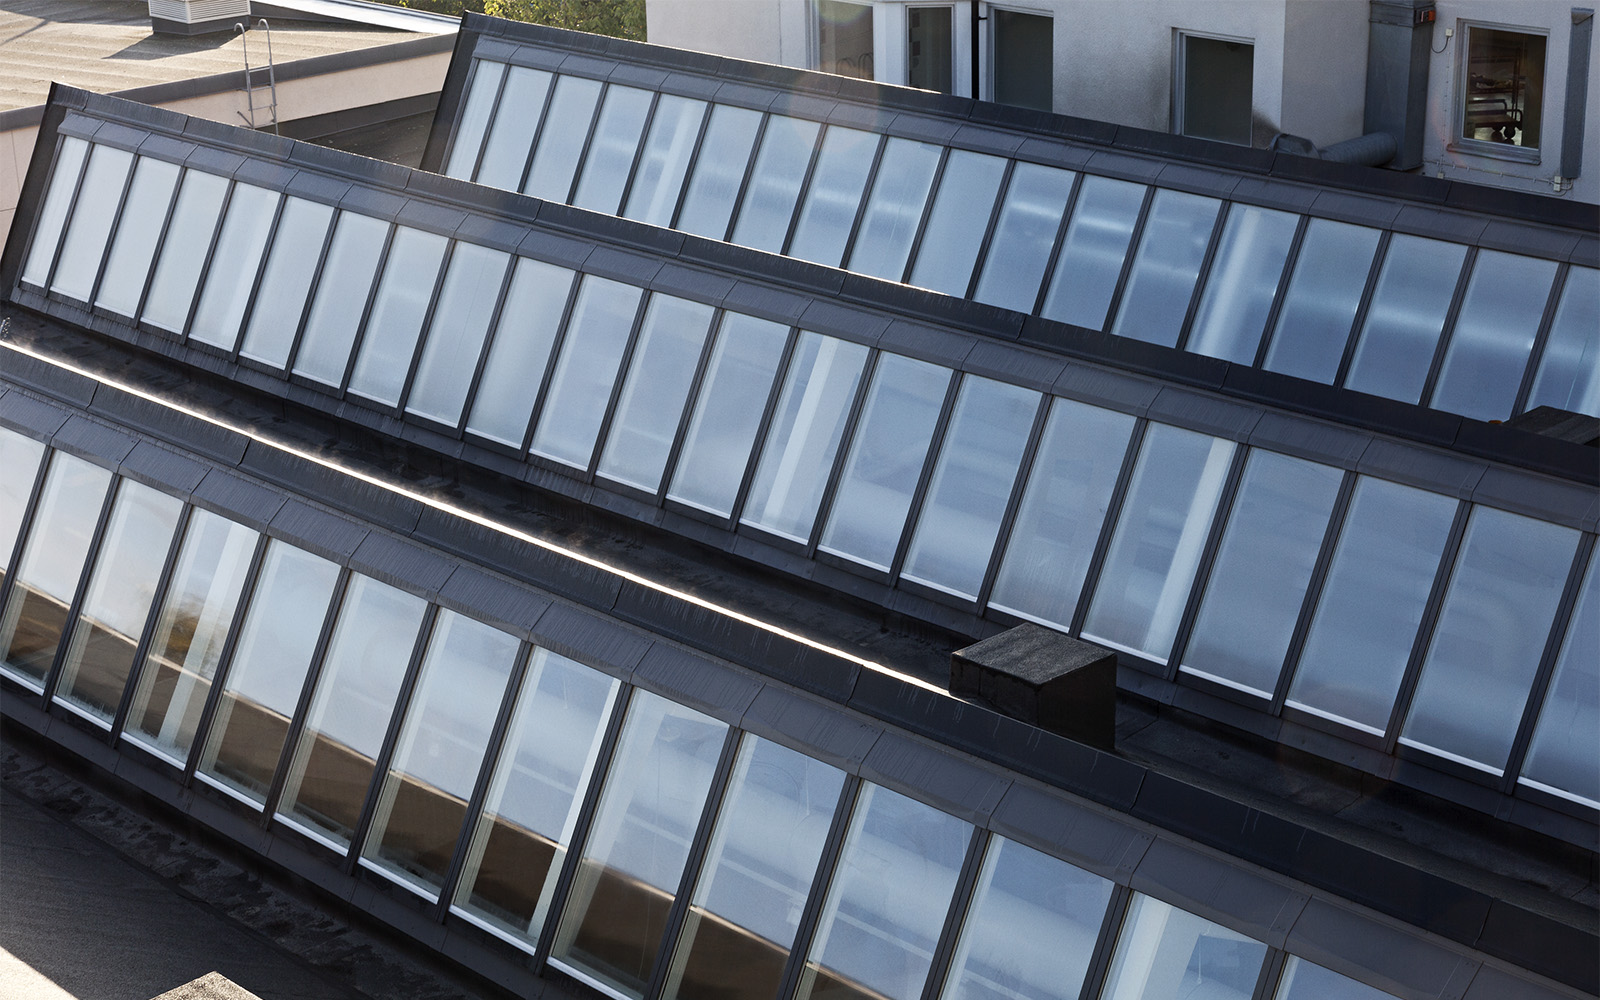 Takfönster åt norr och sågtandat tak på Sågbäcksgymnasiet